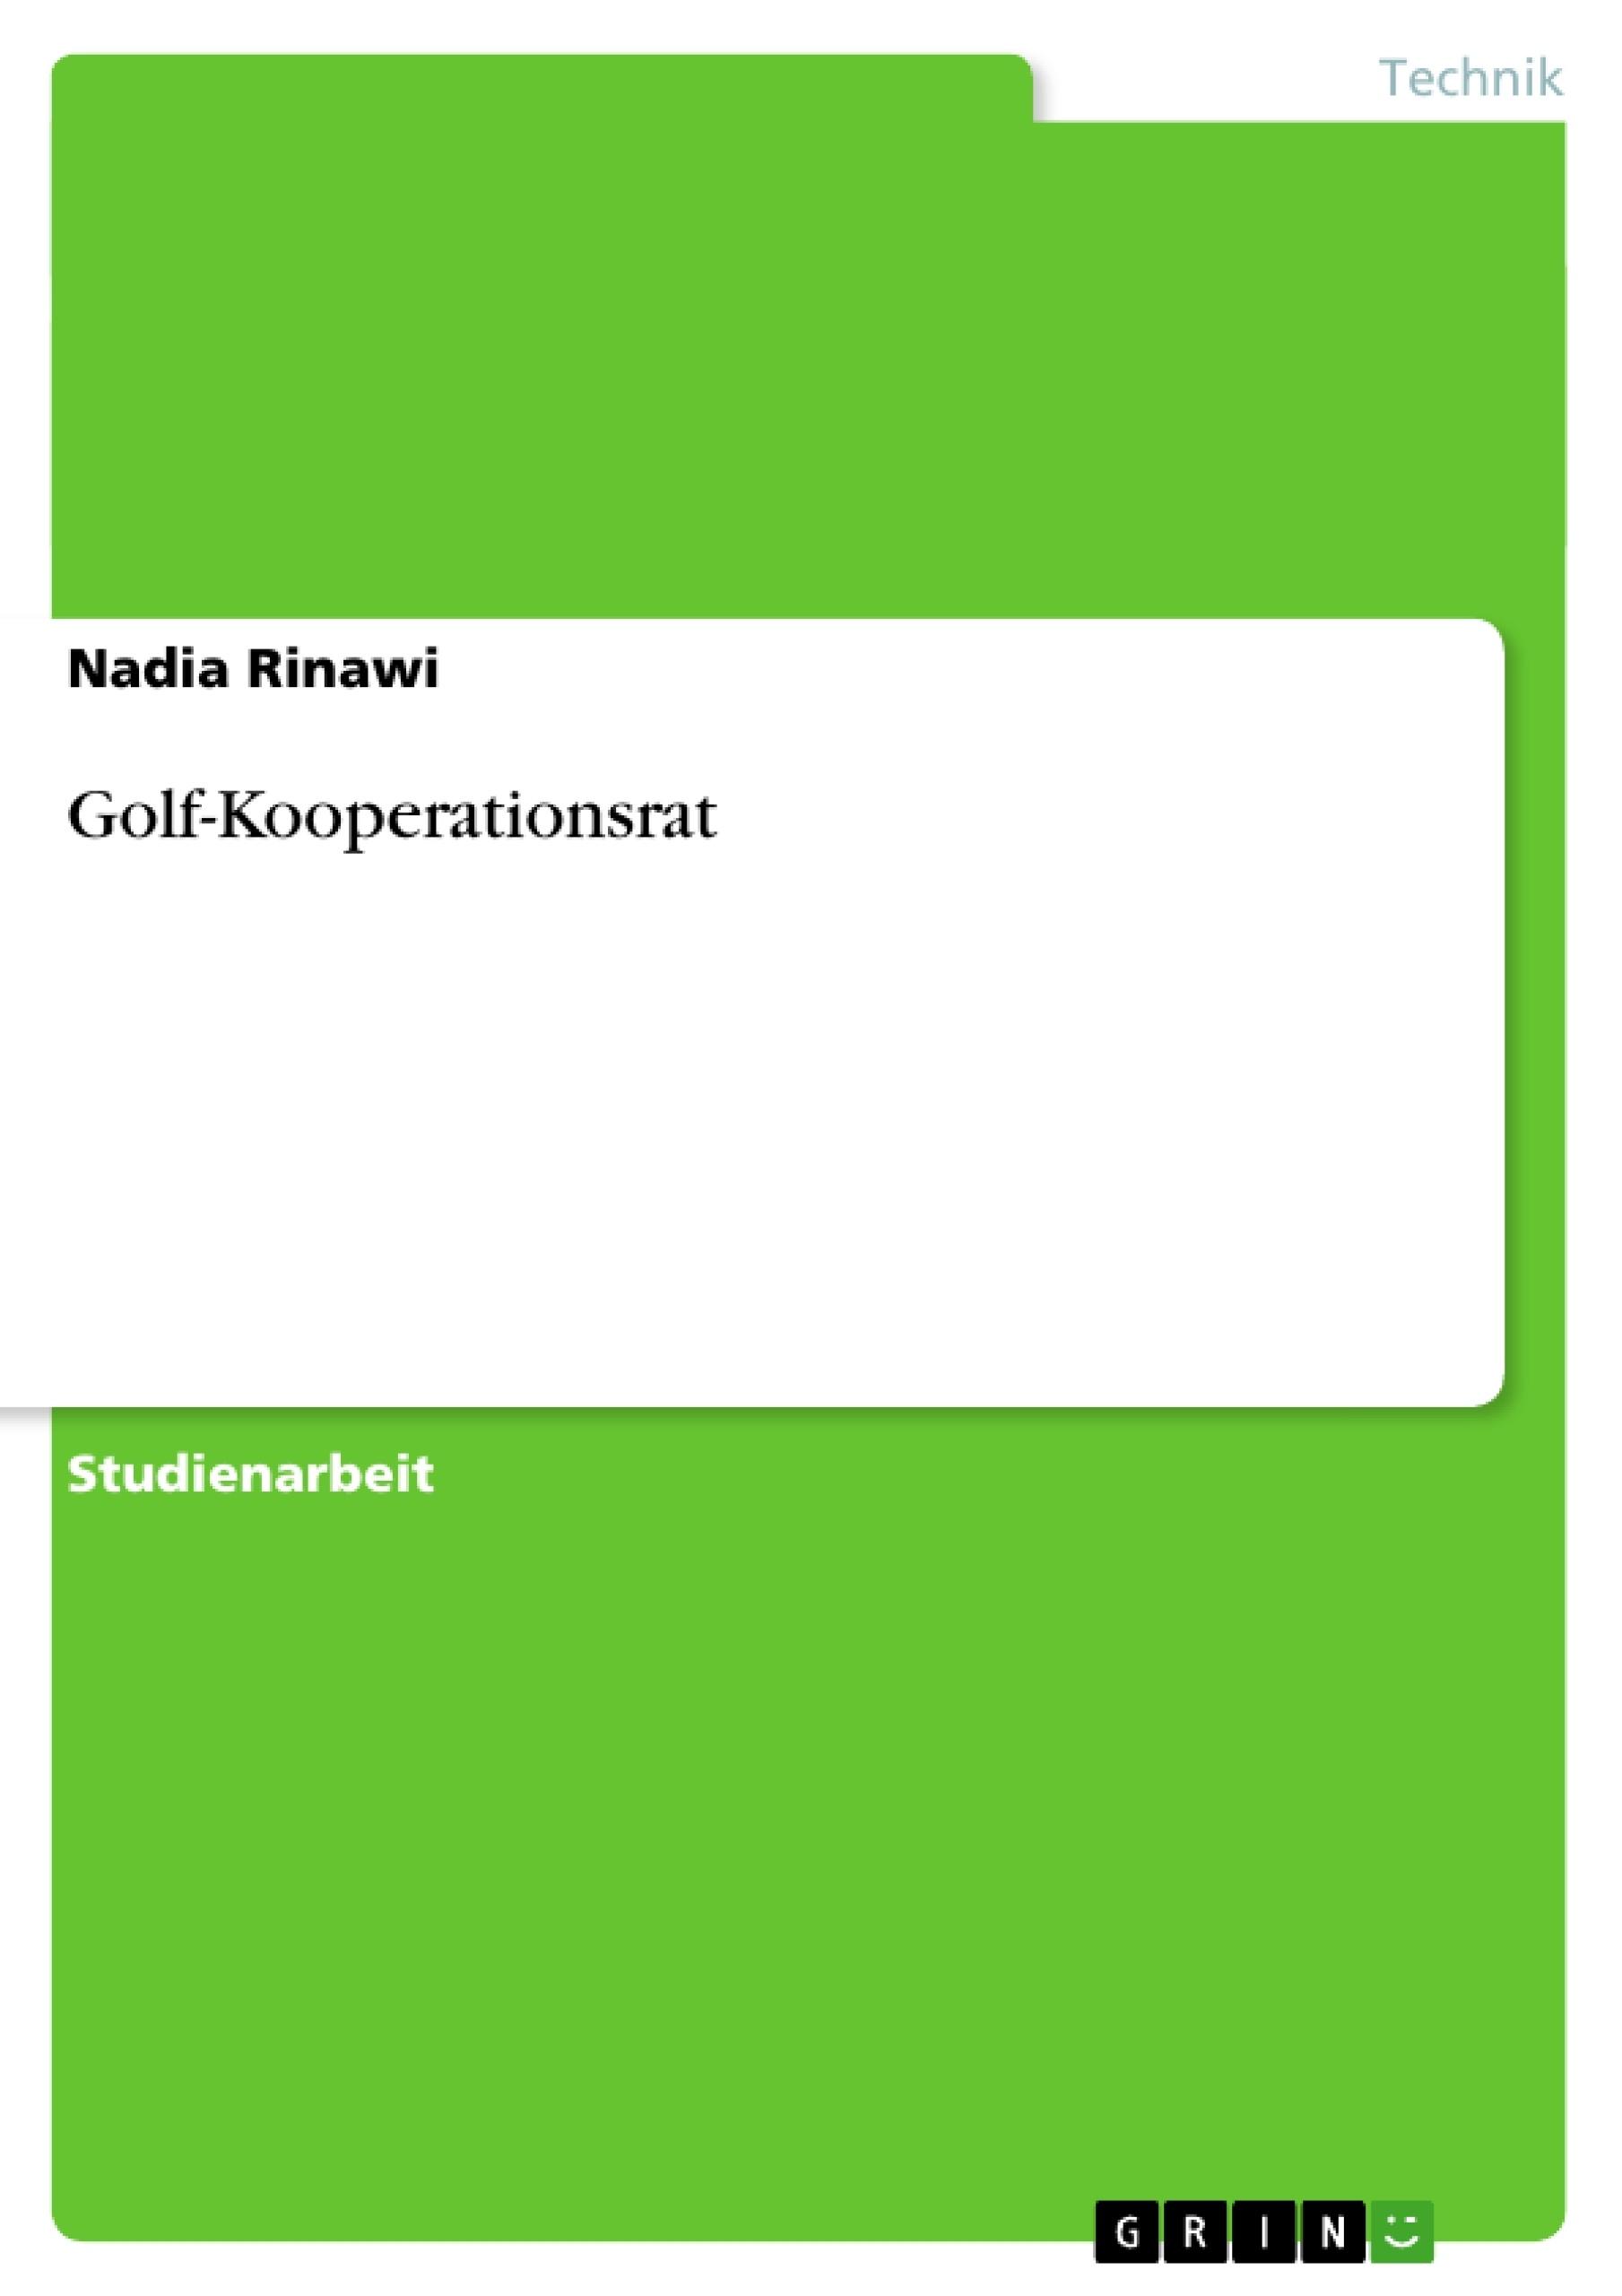 Titel: Golf-Kooperationsrat